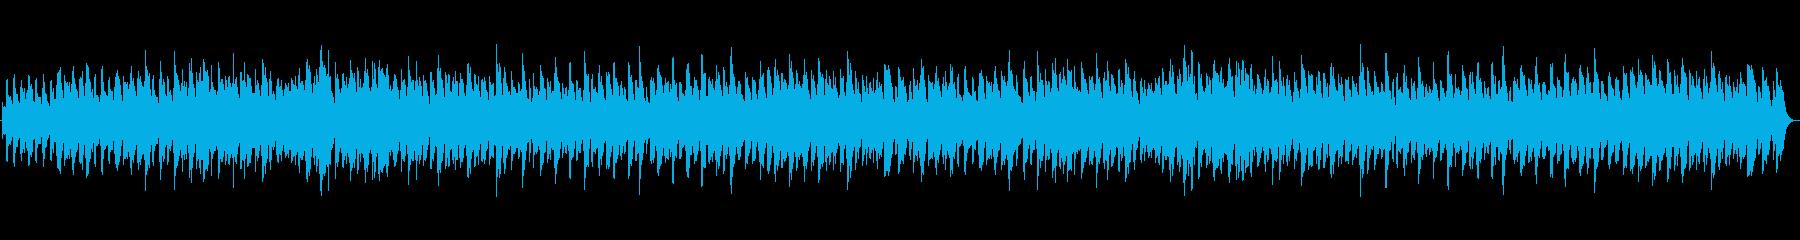 軽快で楽しげなピアノ曲の再生済みの波形